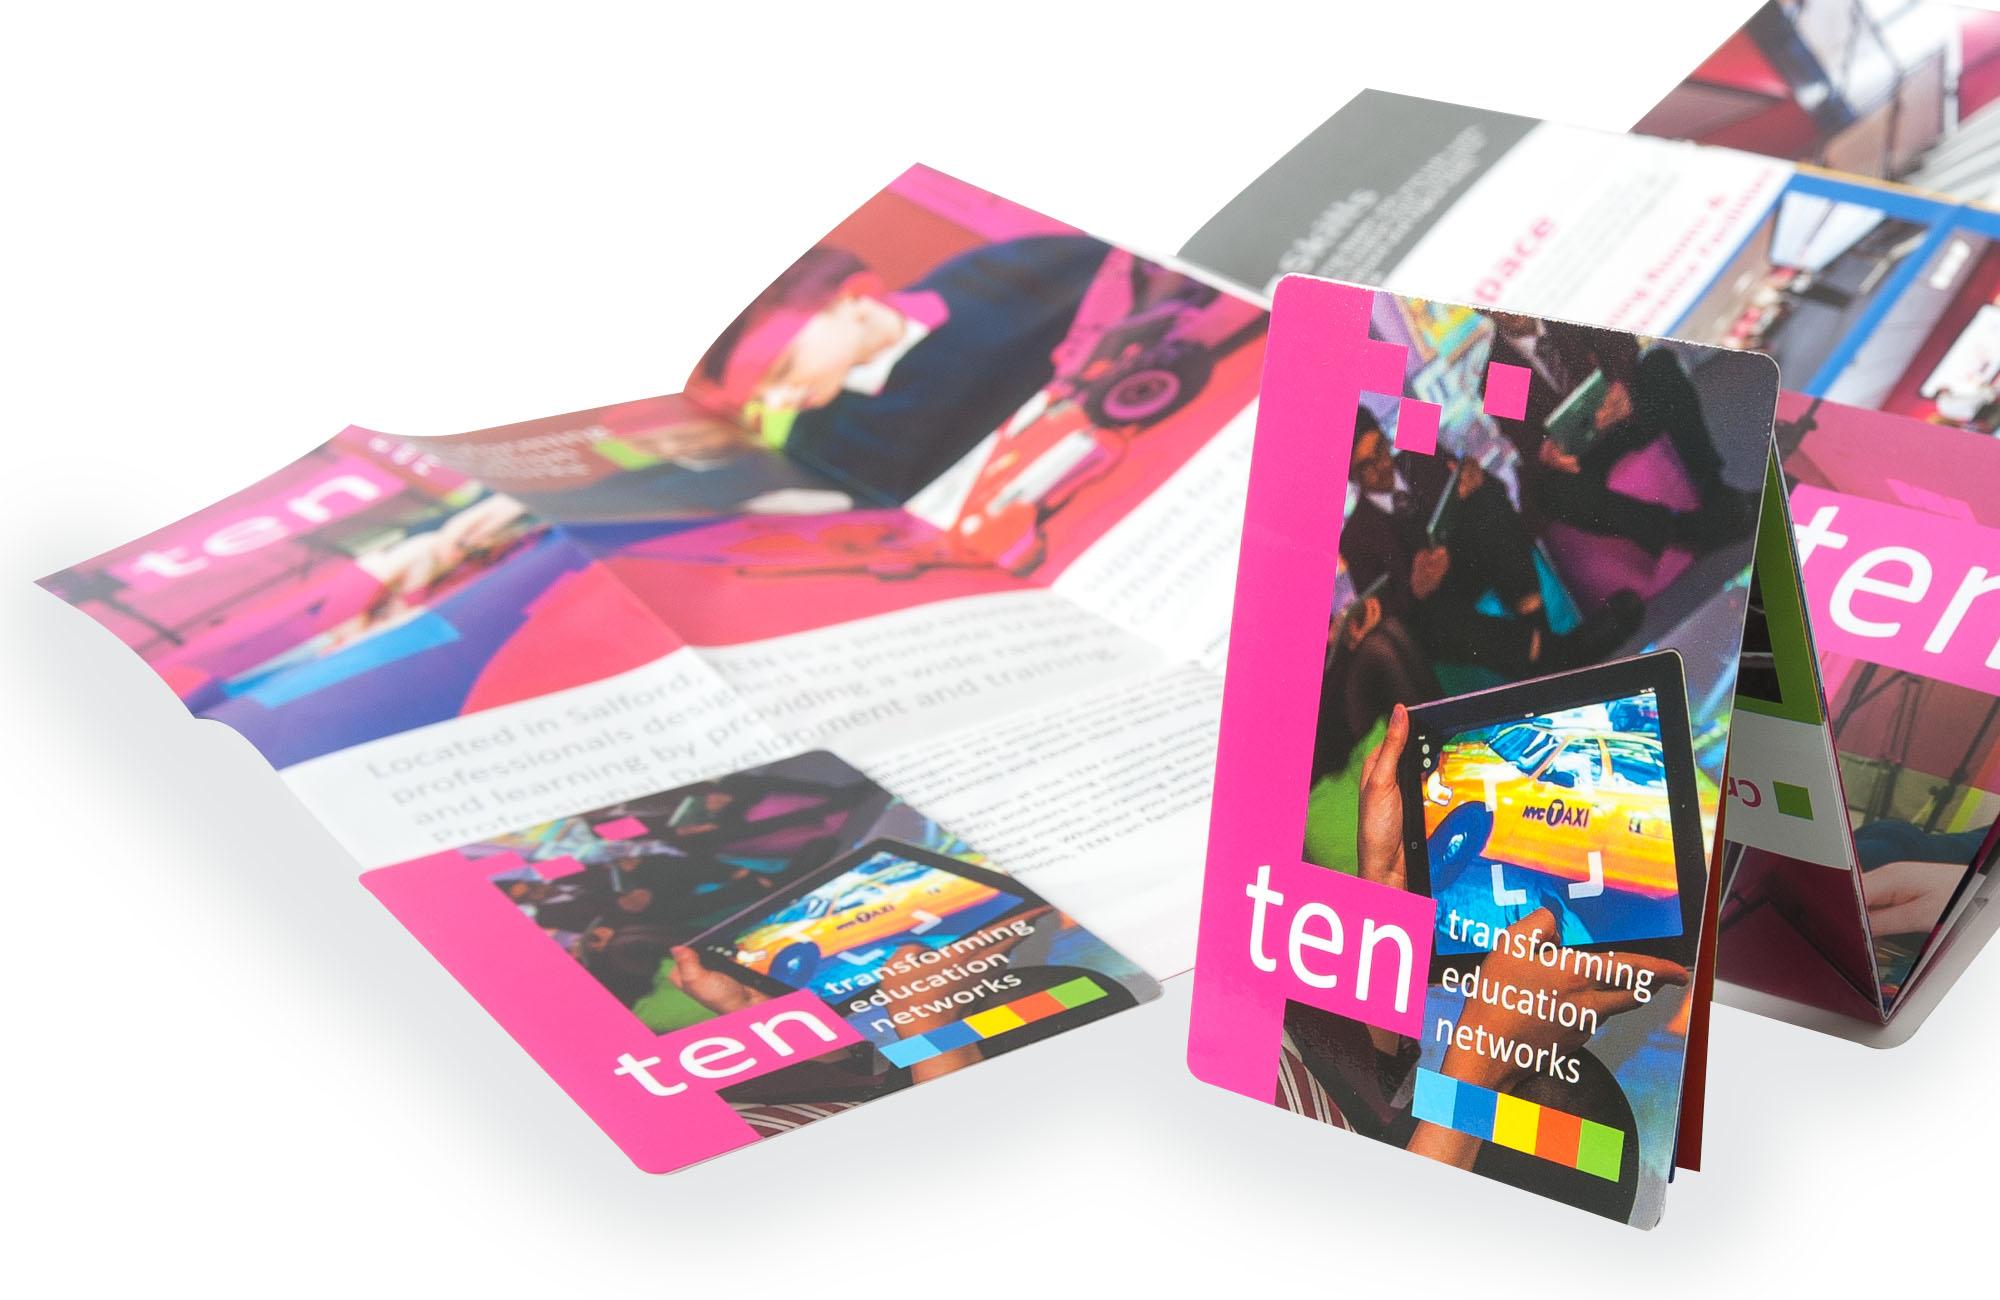 Z Card Design for Ten Centre